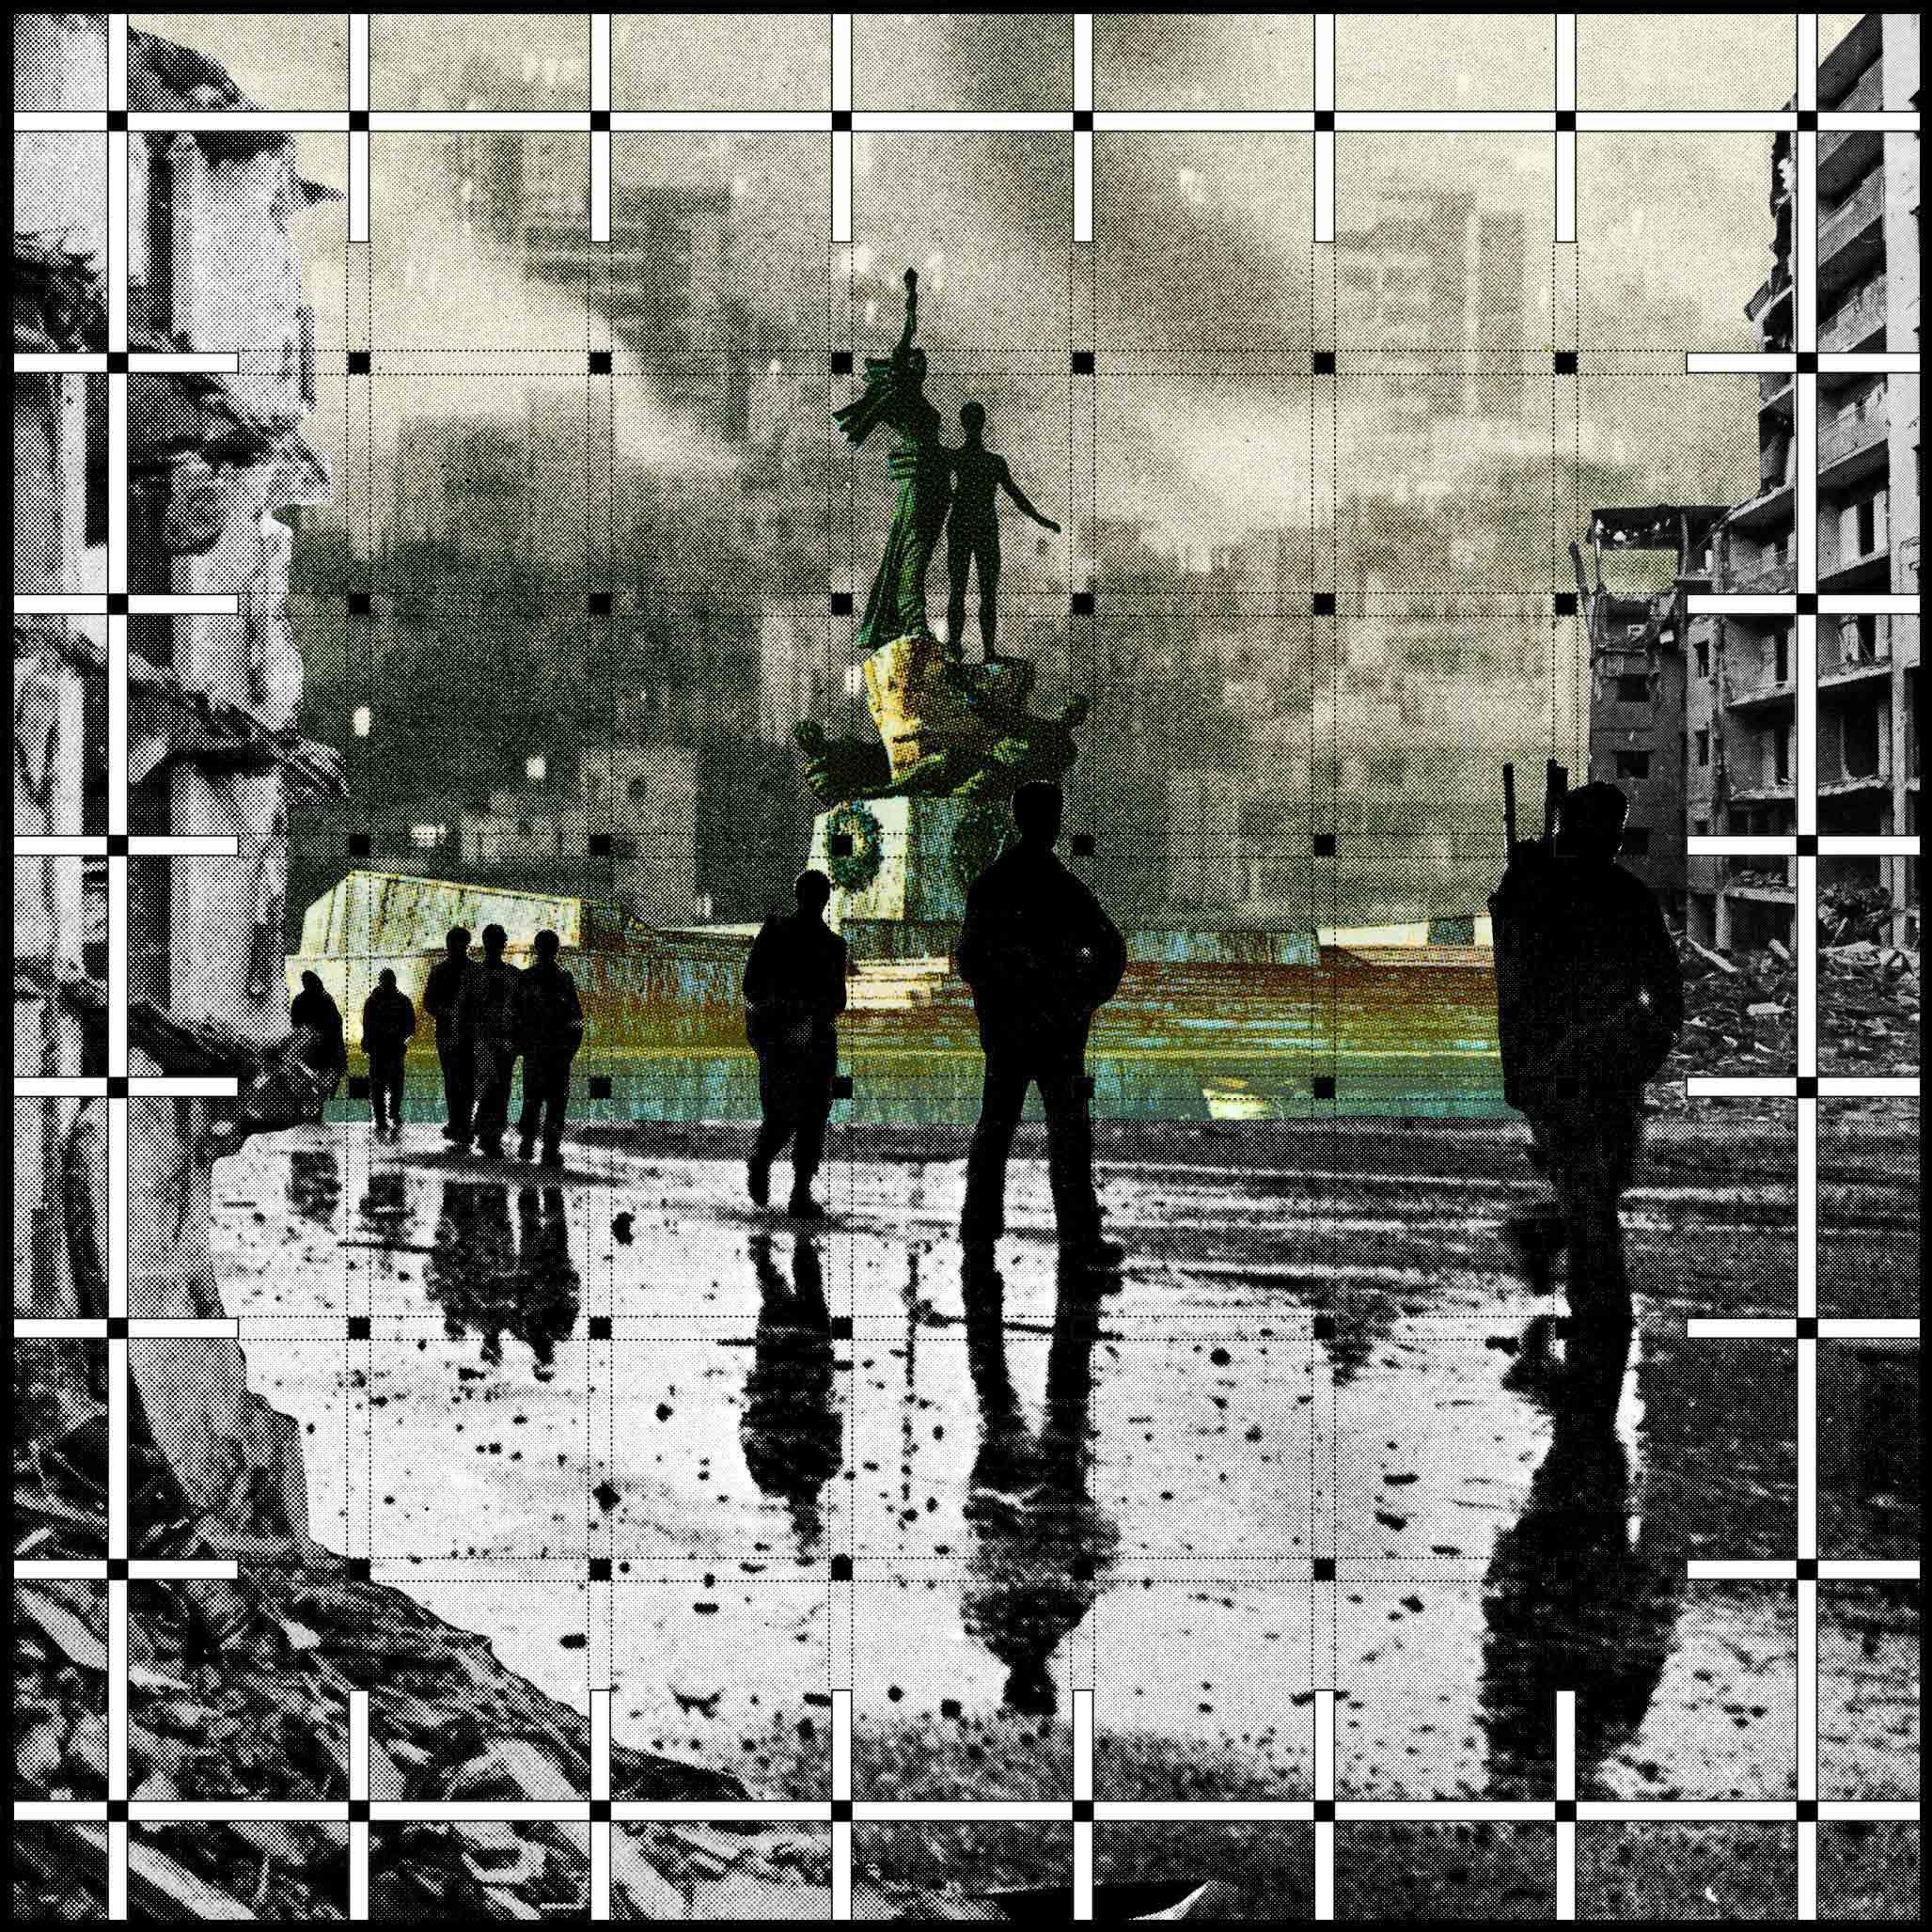 alfred_tarazi_dearmadness_martyr-square-ruin_2017_5_0011_Background.jpg